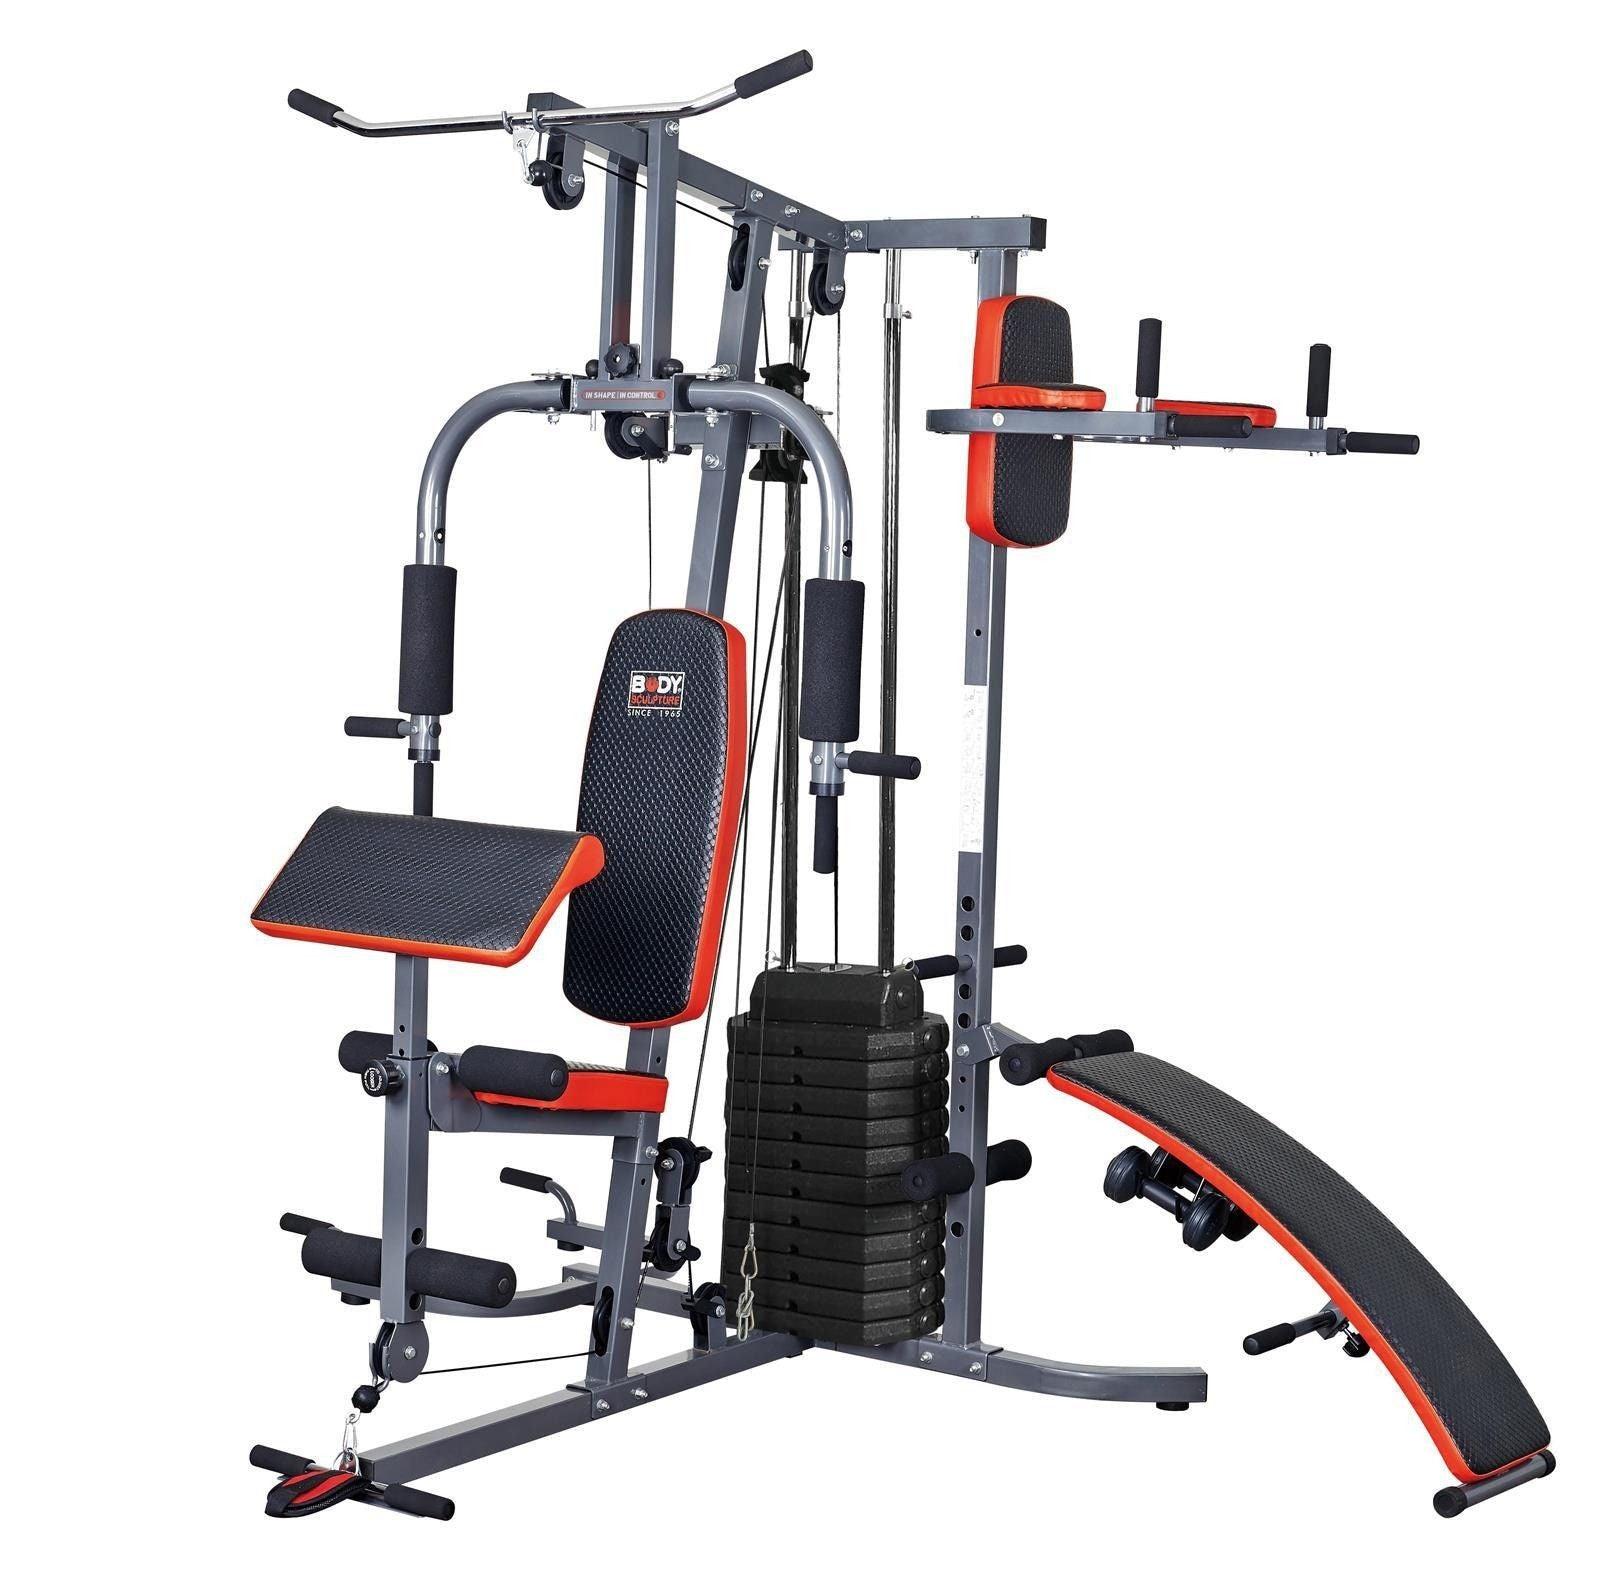 dynamix multi gym assembly instructions